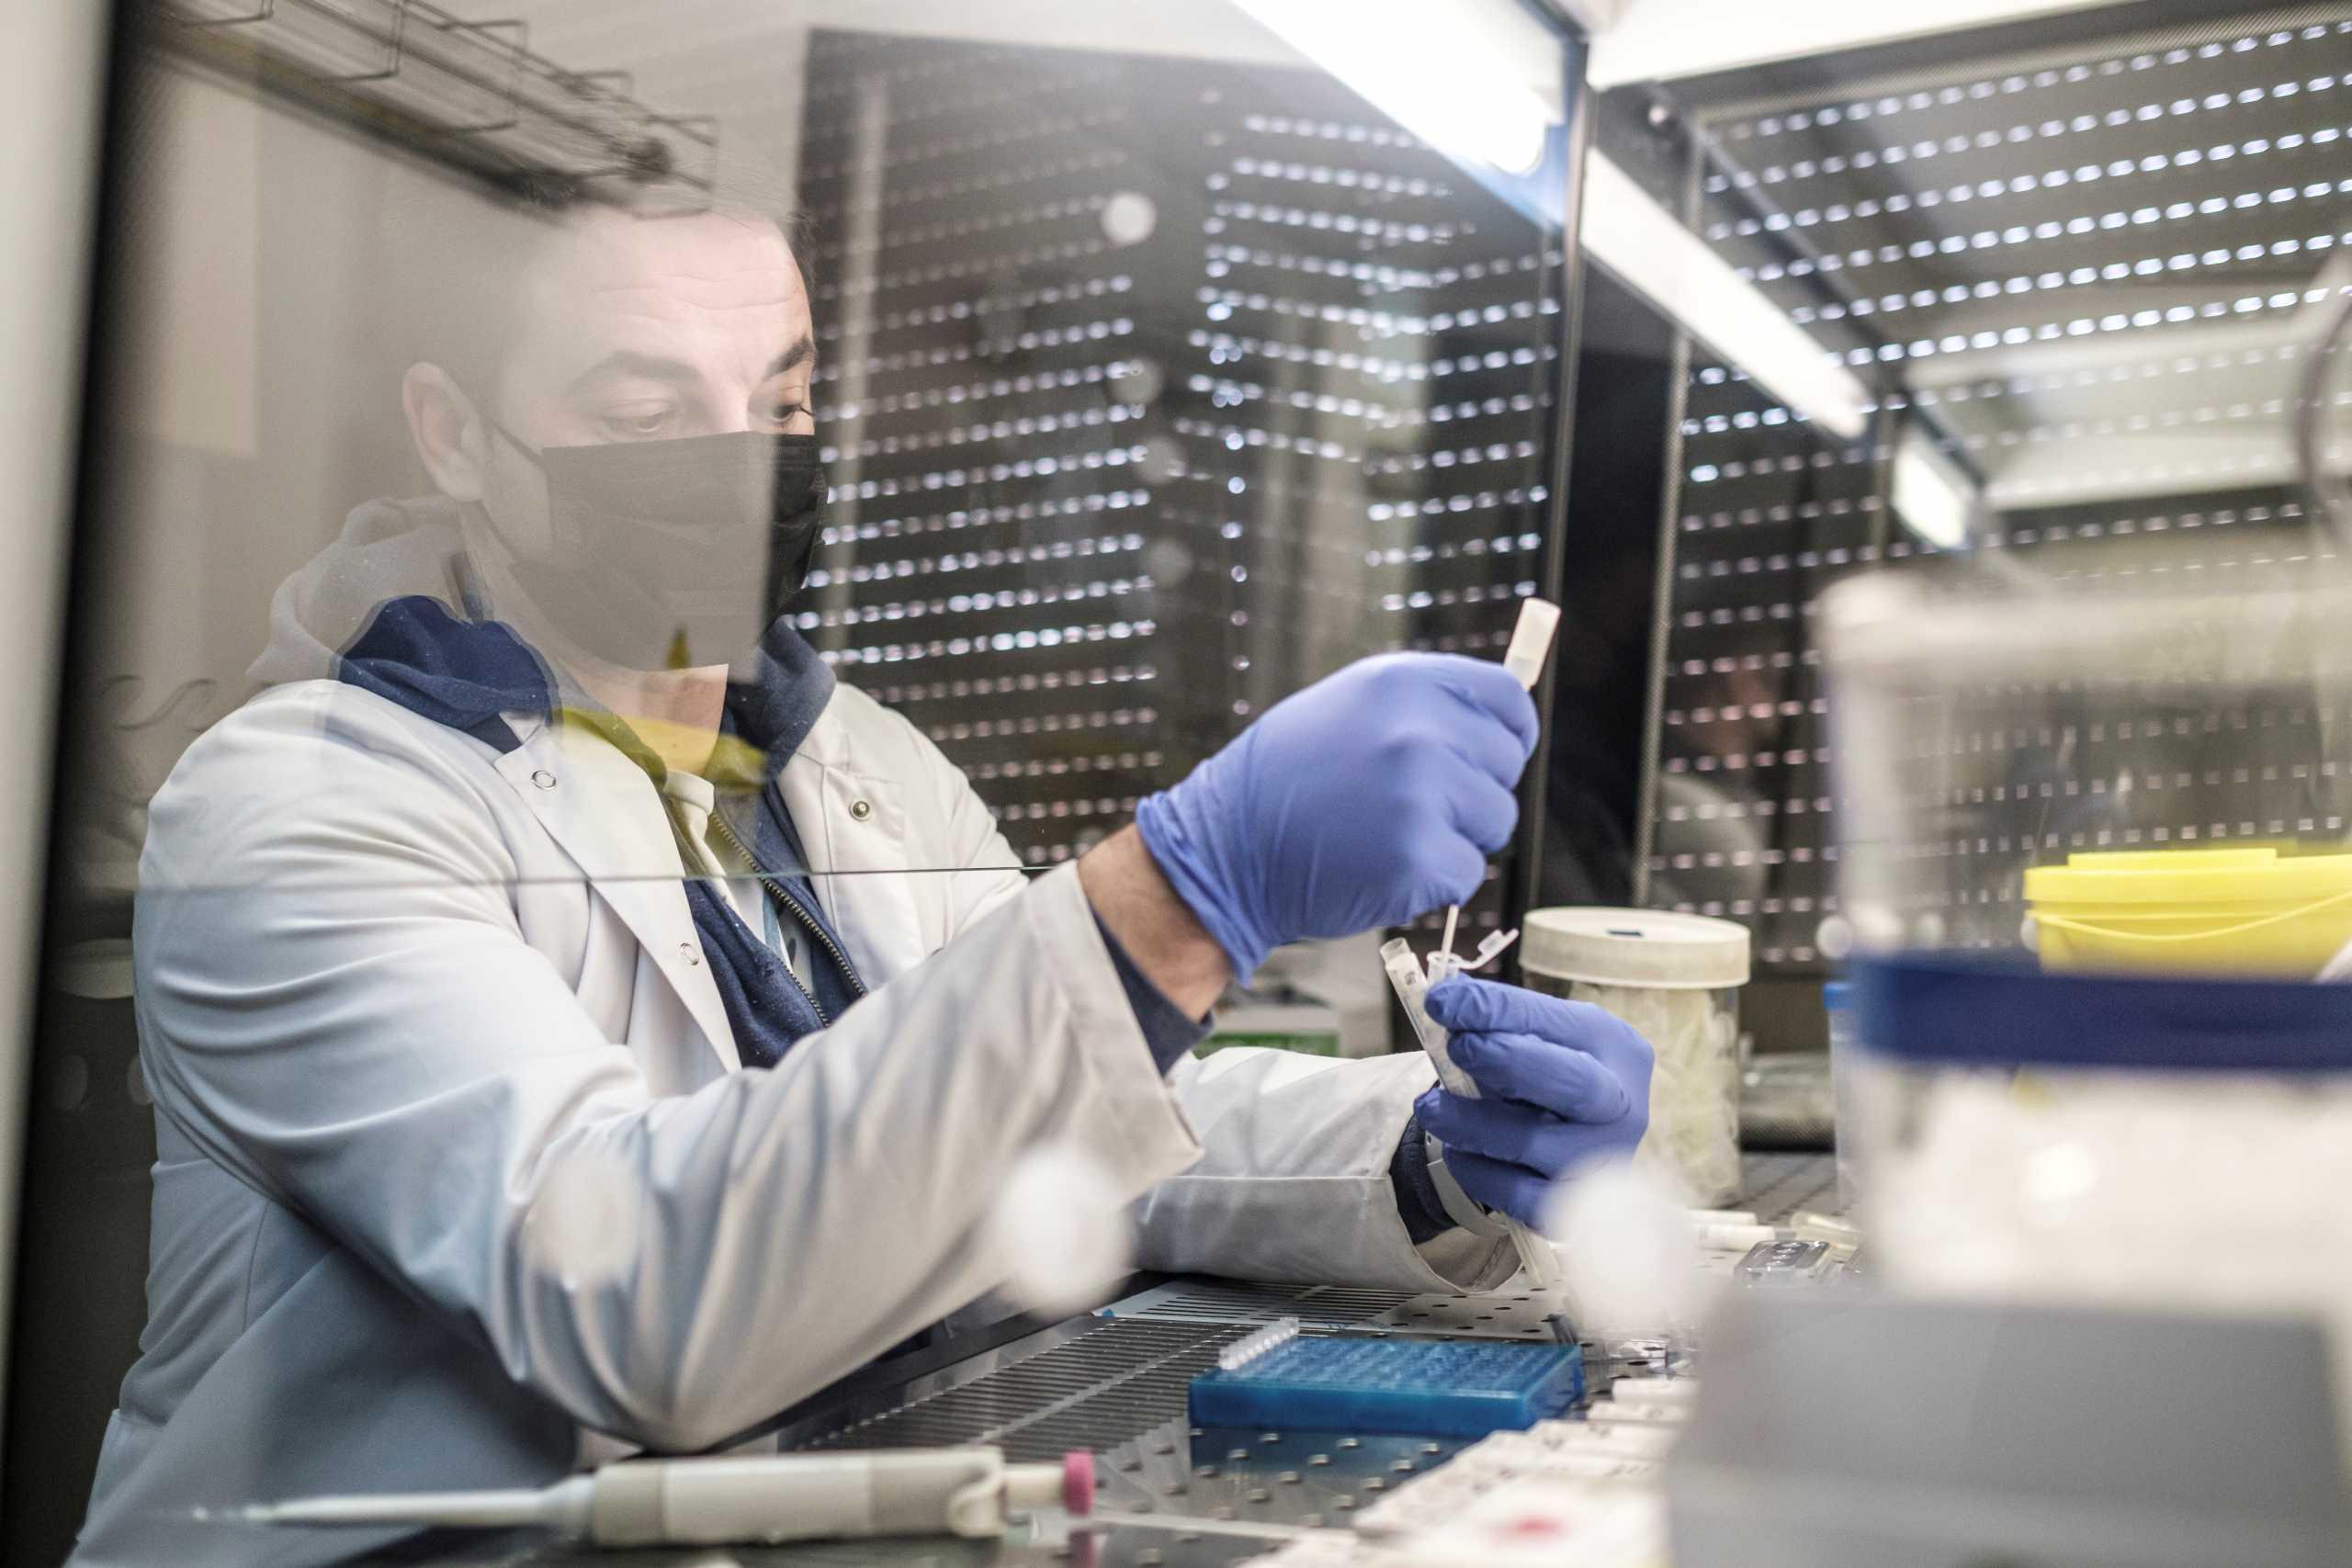 Δερμιτζάκης: Ελάχιστες οι πιθανότητες για φάρμακο κατά του κορονοϊού μέχρι τέλος του έτους (vid)